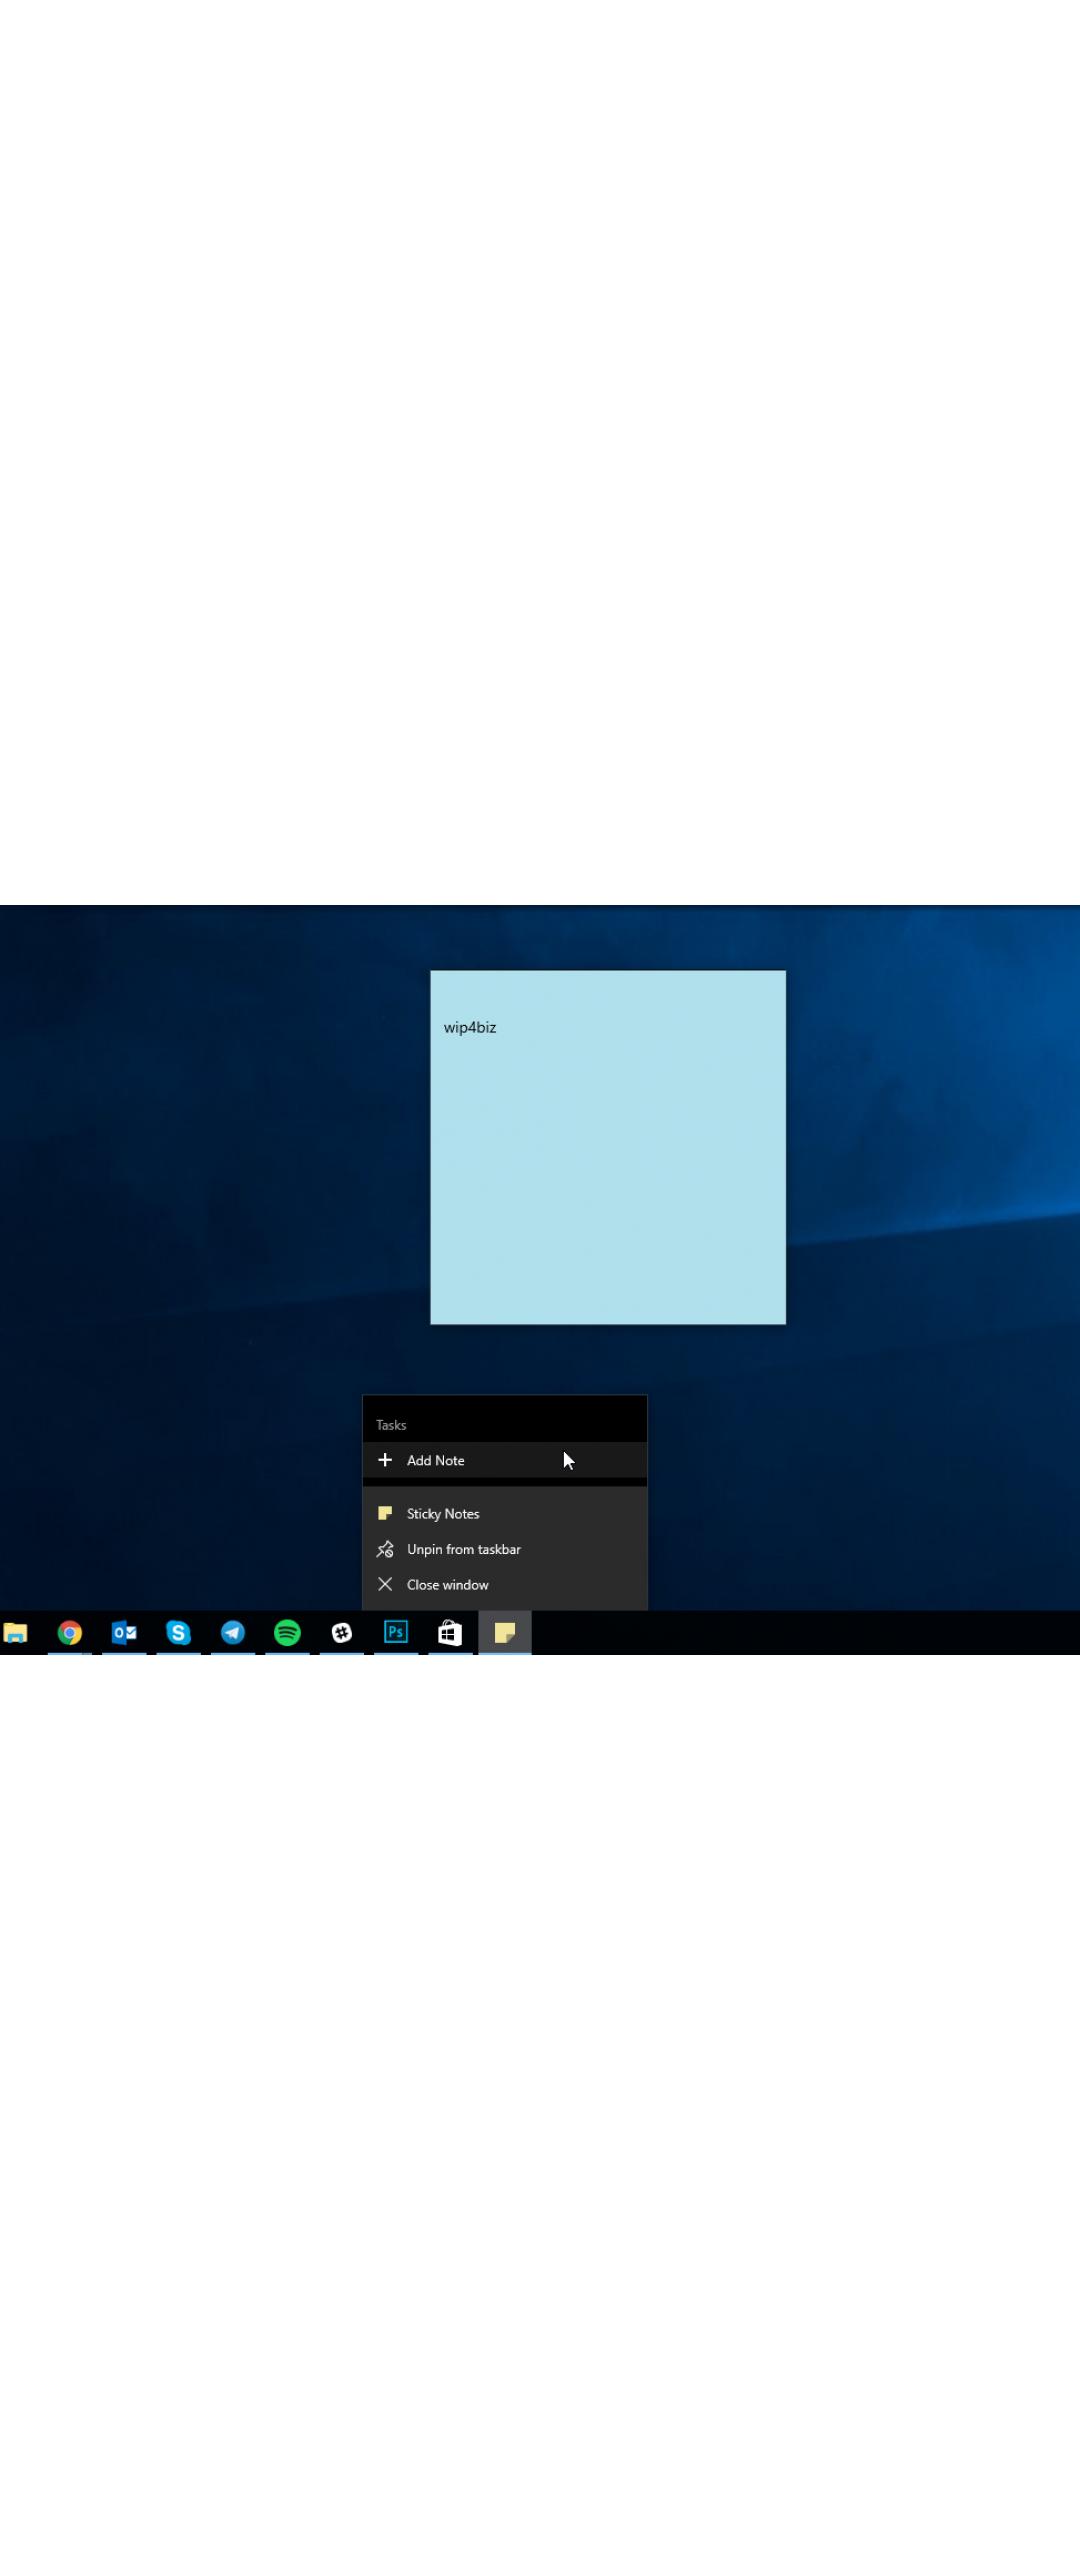 Ya puedes crear notas en Windows 10 desde la barra de tareas